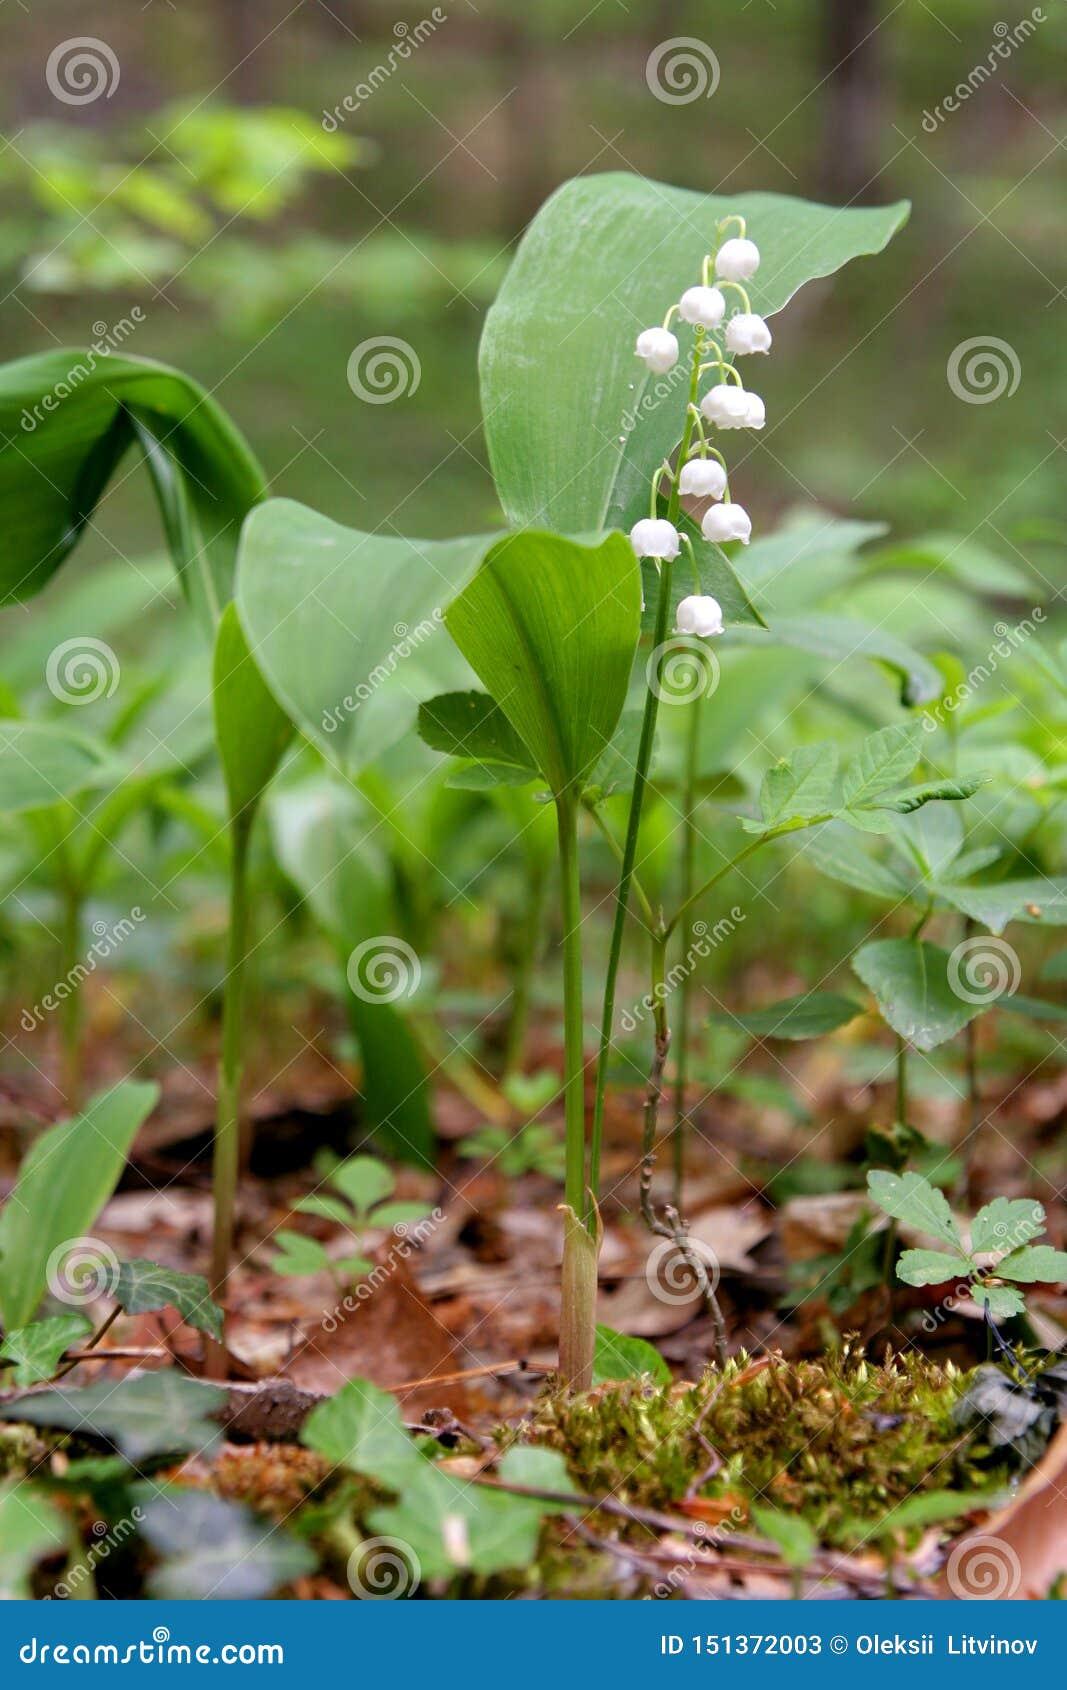 Floraciones del lirio de los valles en el bosque